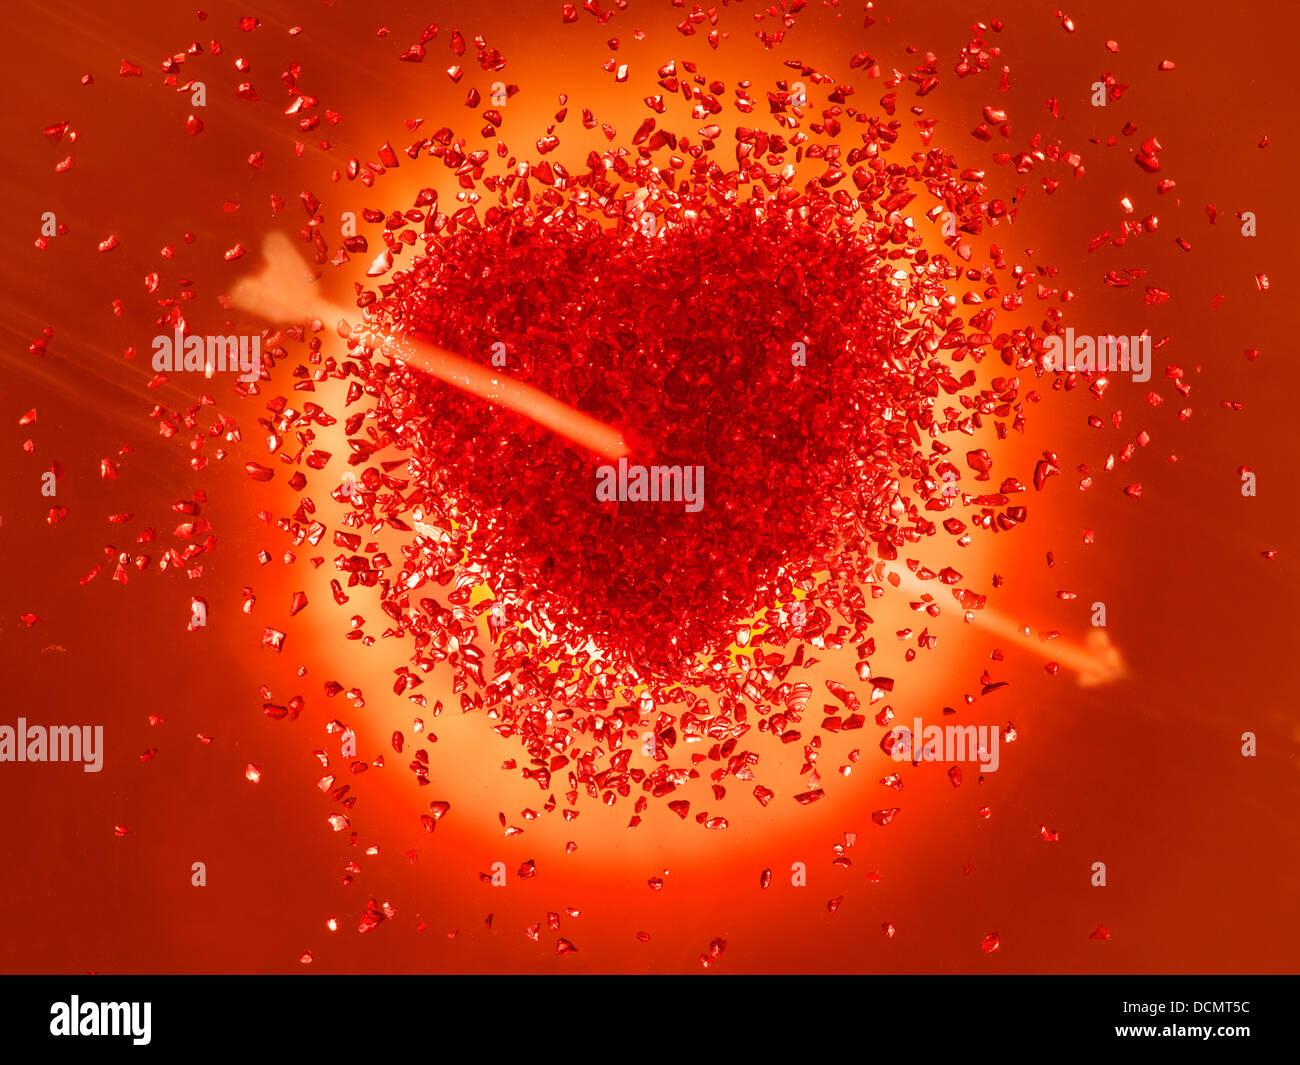 Rojo caliente Corazón traspasado con una flecha. Imagen De Stock